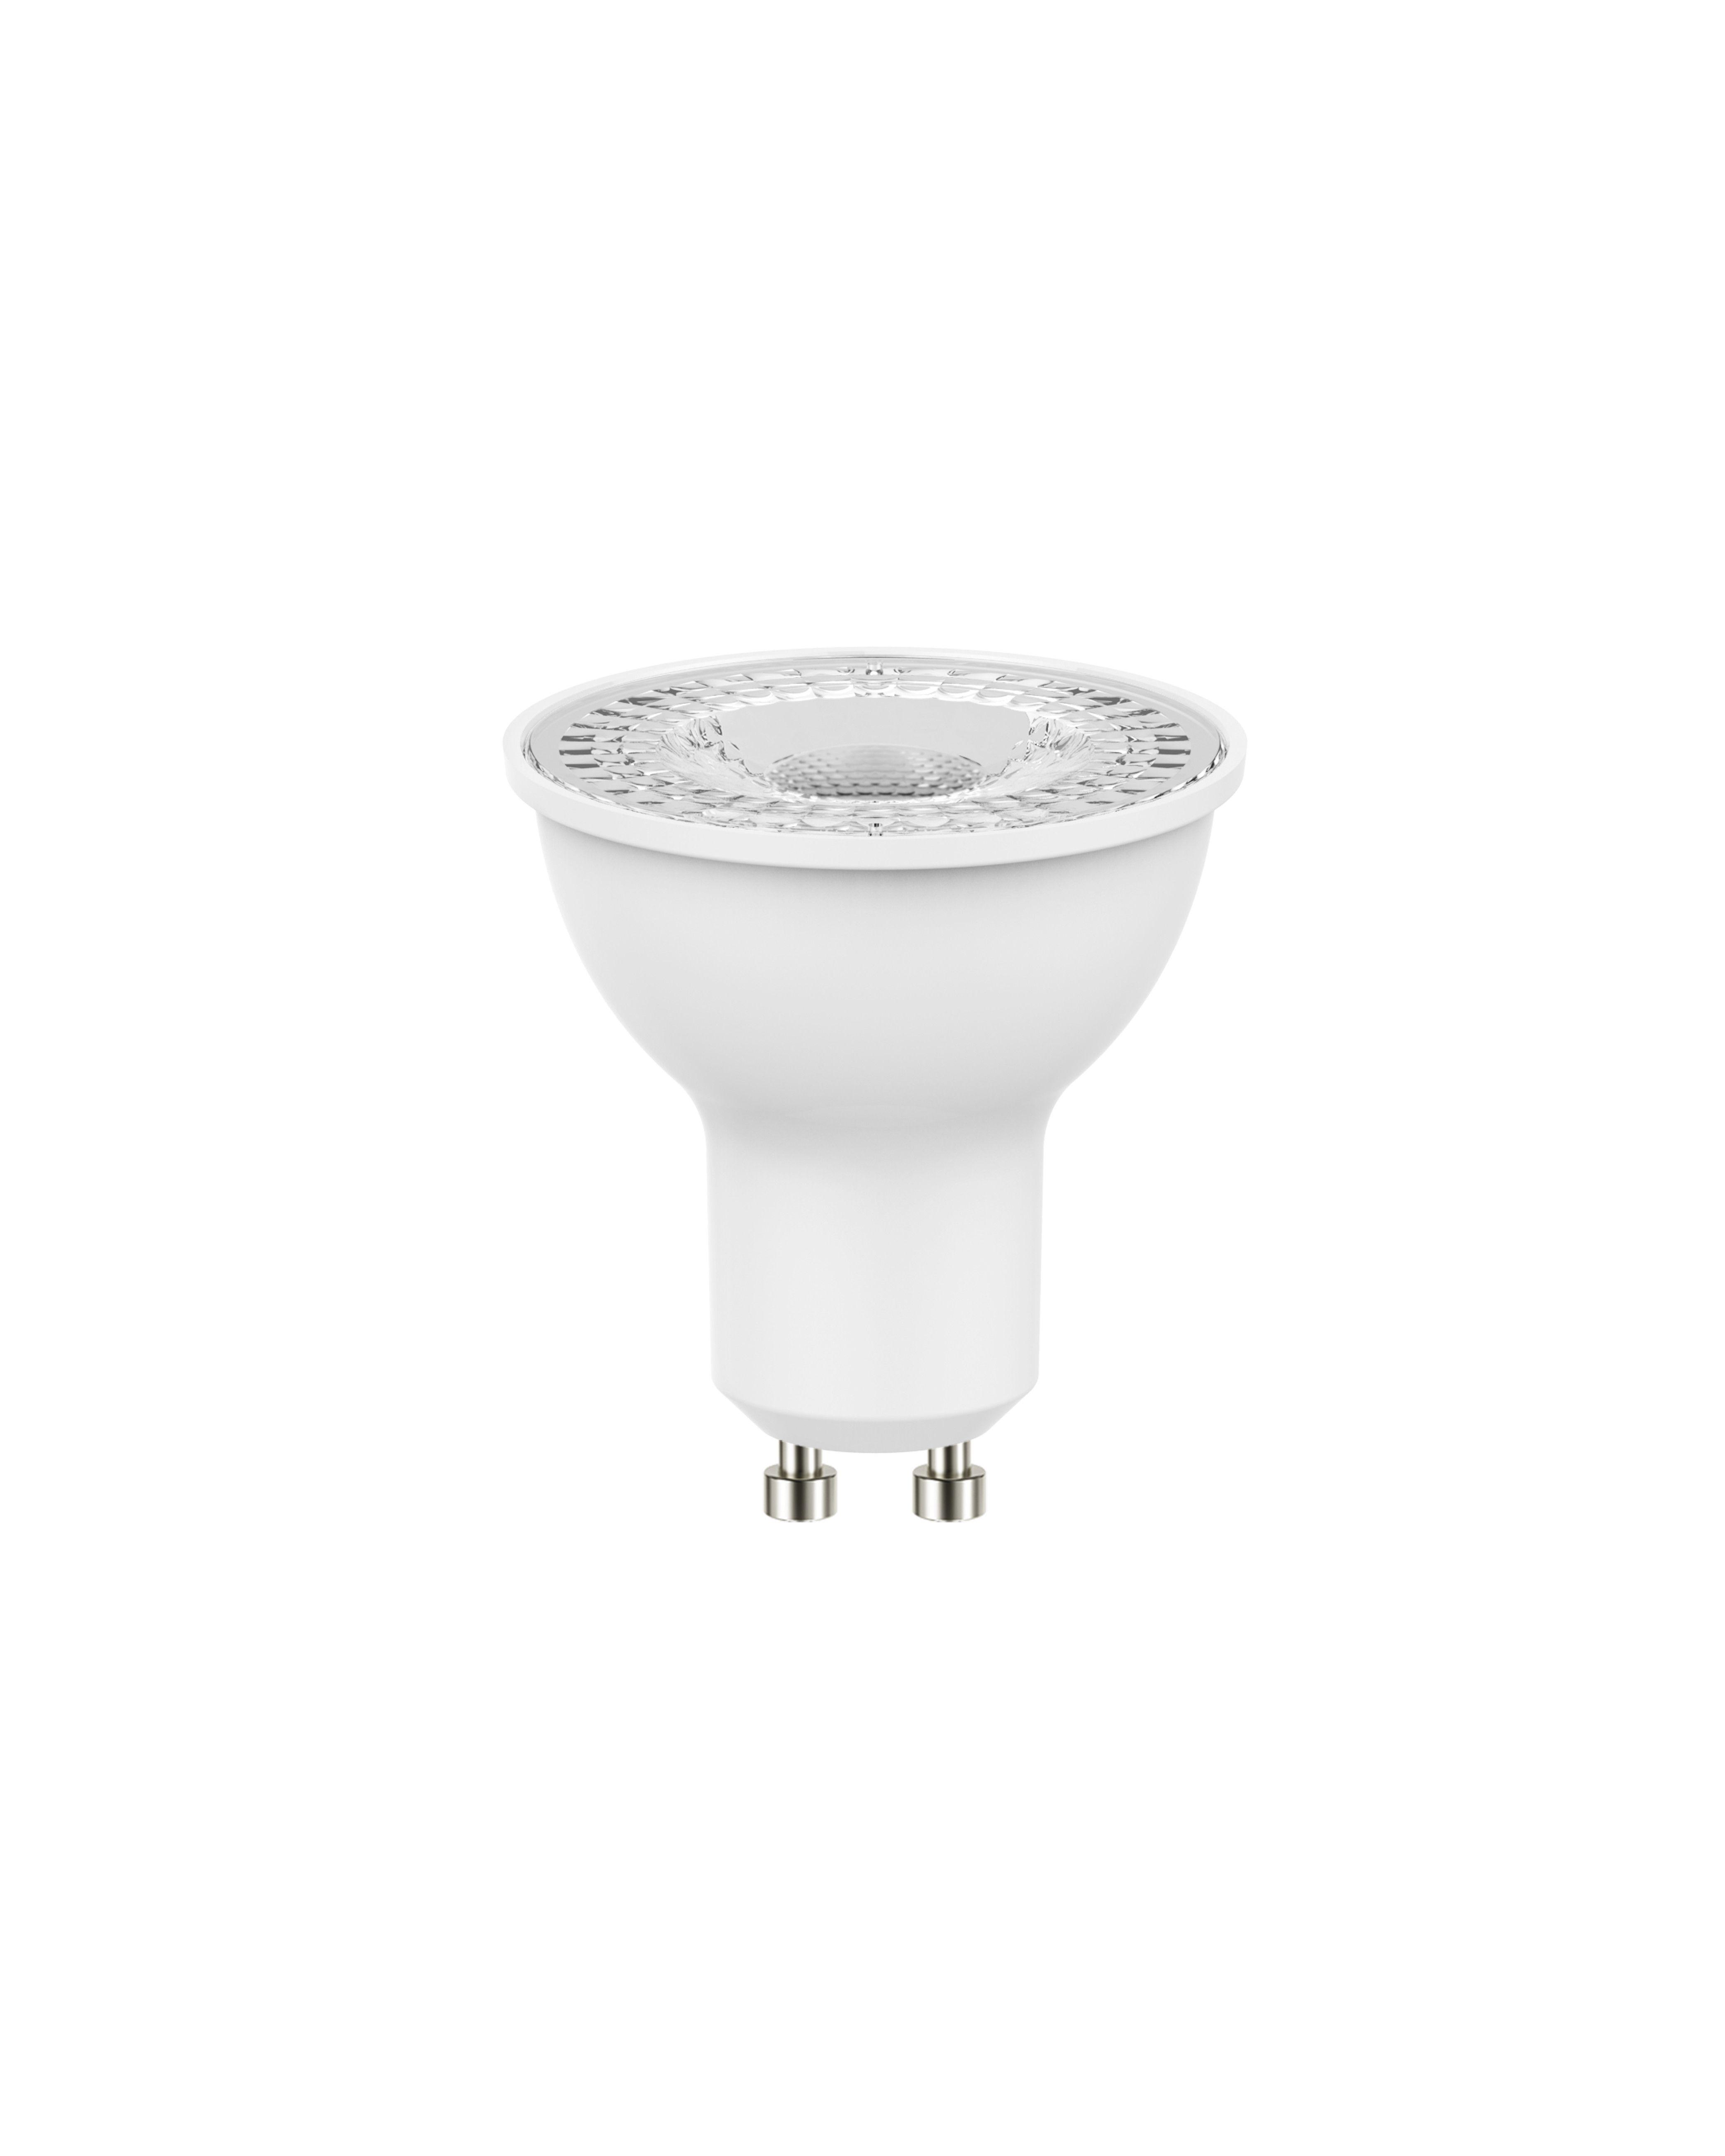 Купить Лампа светодиодная Osram LS PAR163536 3, 6W/850230VGU1010X1RUOSRAM дневной свет, Osram Ledvance